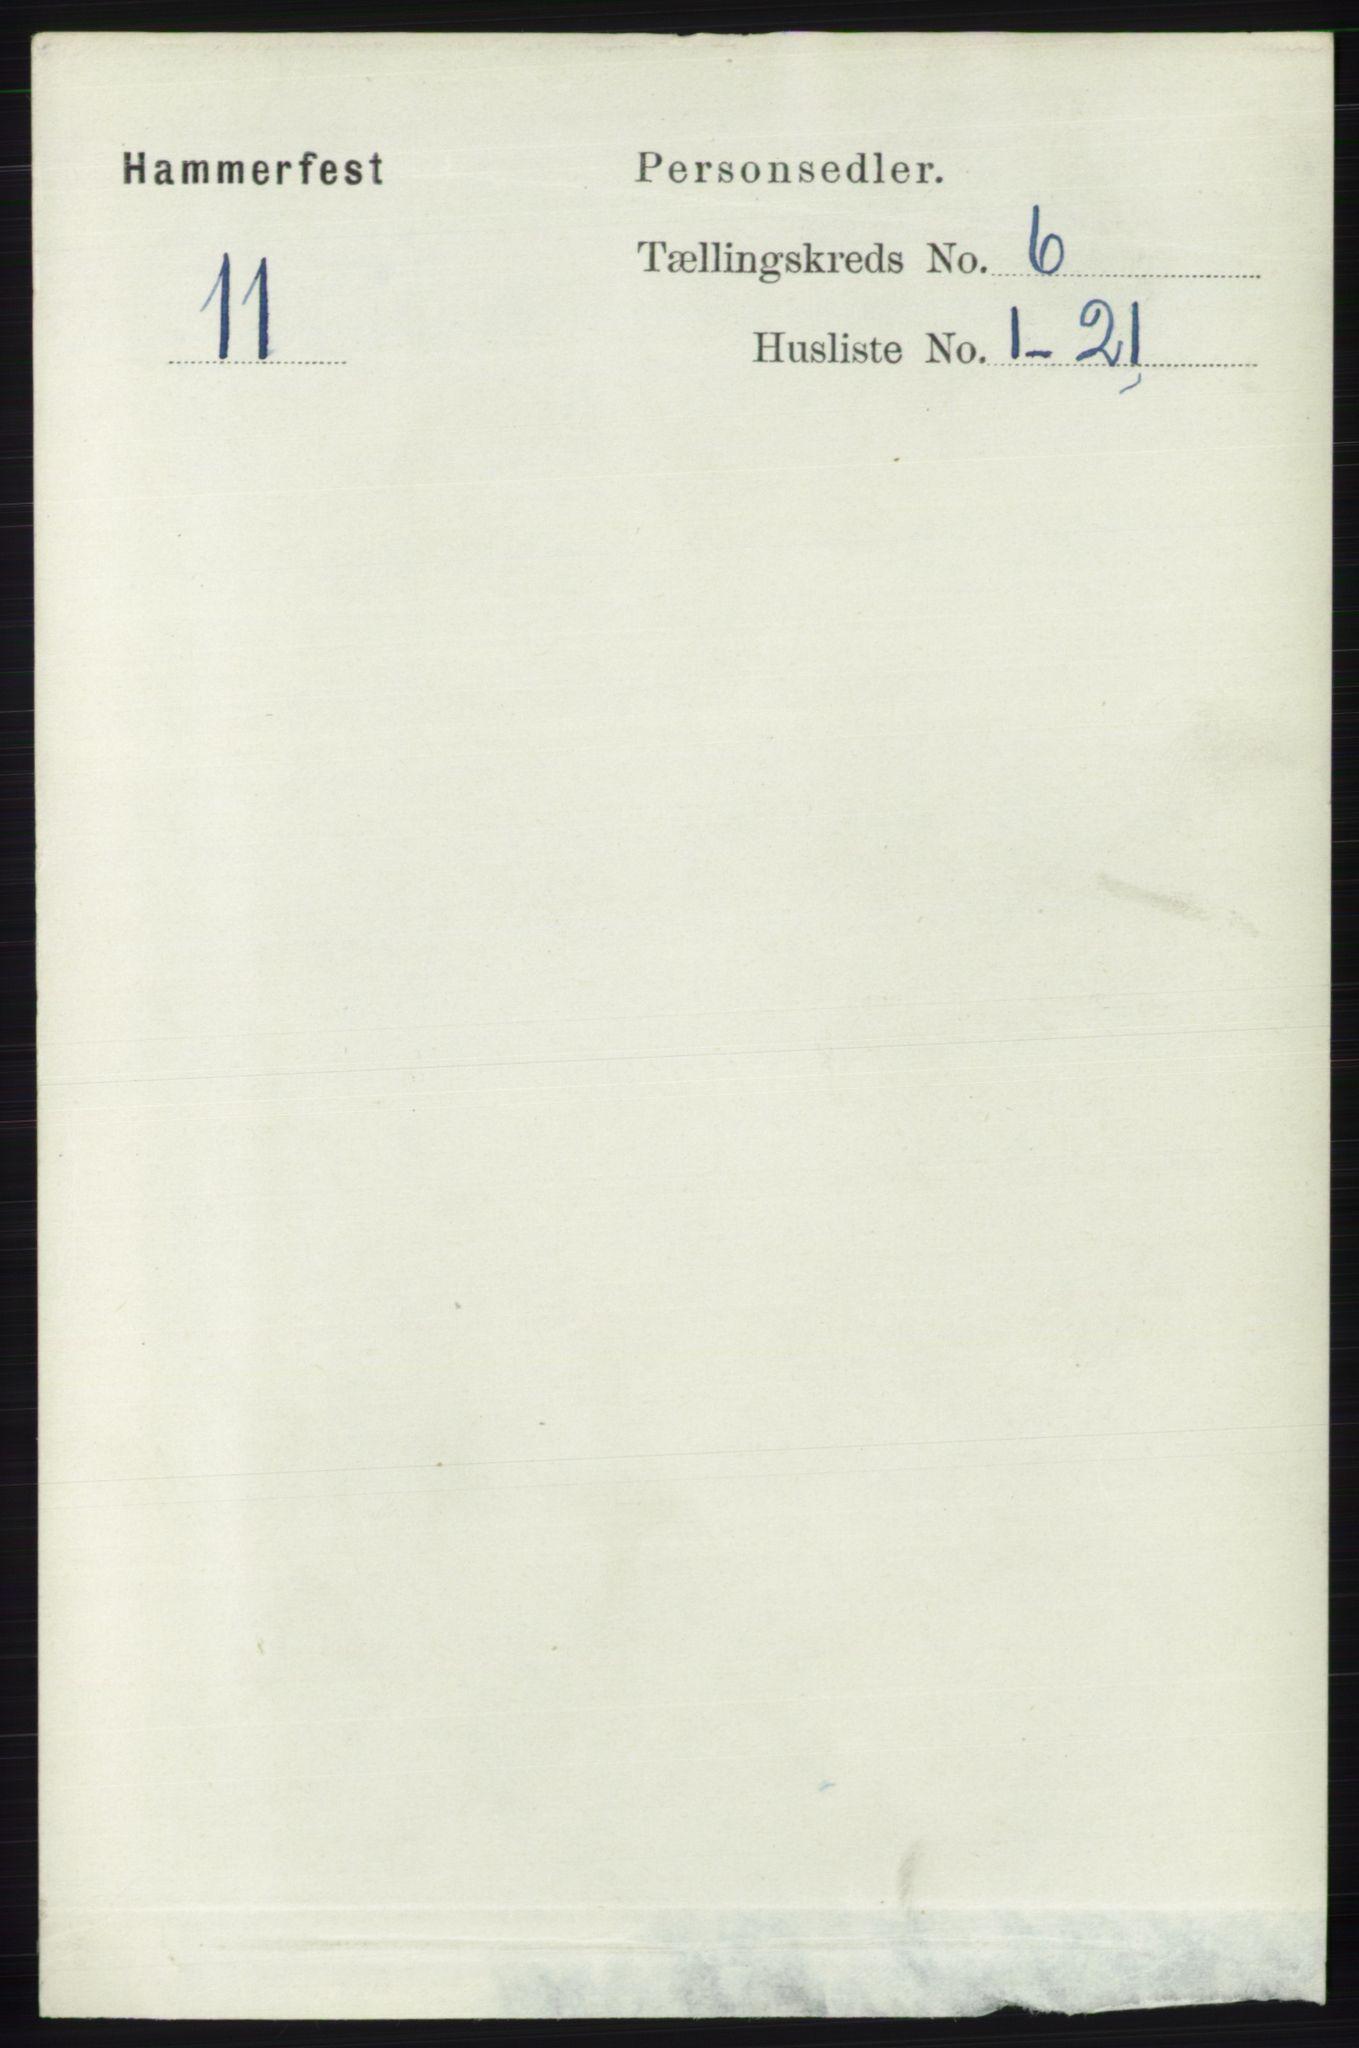 RA, Folketelling 1891 for 2001 Hammerfest kjøpstad, 1891, s. 1707